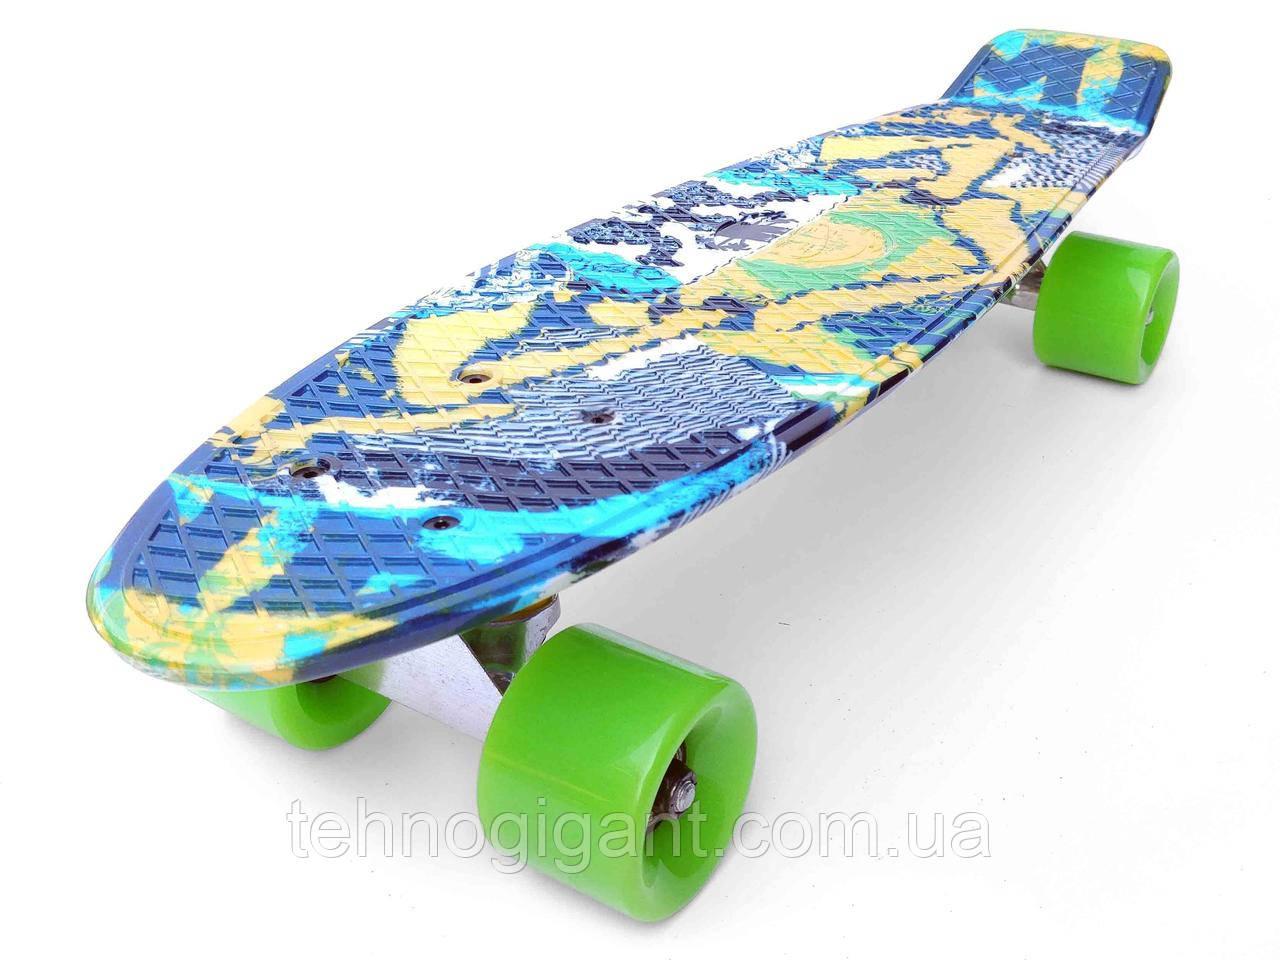 Скейт Penny Board, с широкими колесами Пенни борд, детский , от 5 лет расцветка Абстракция